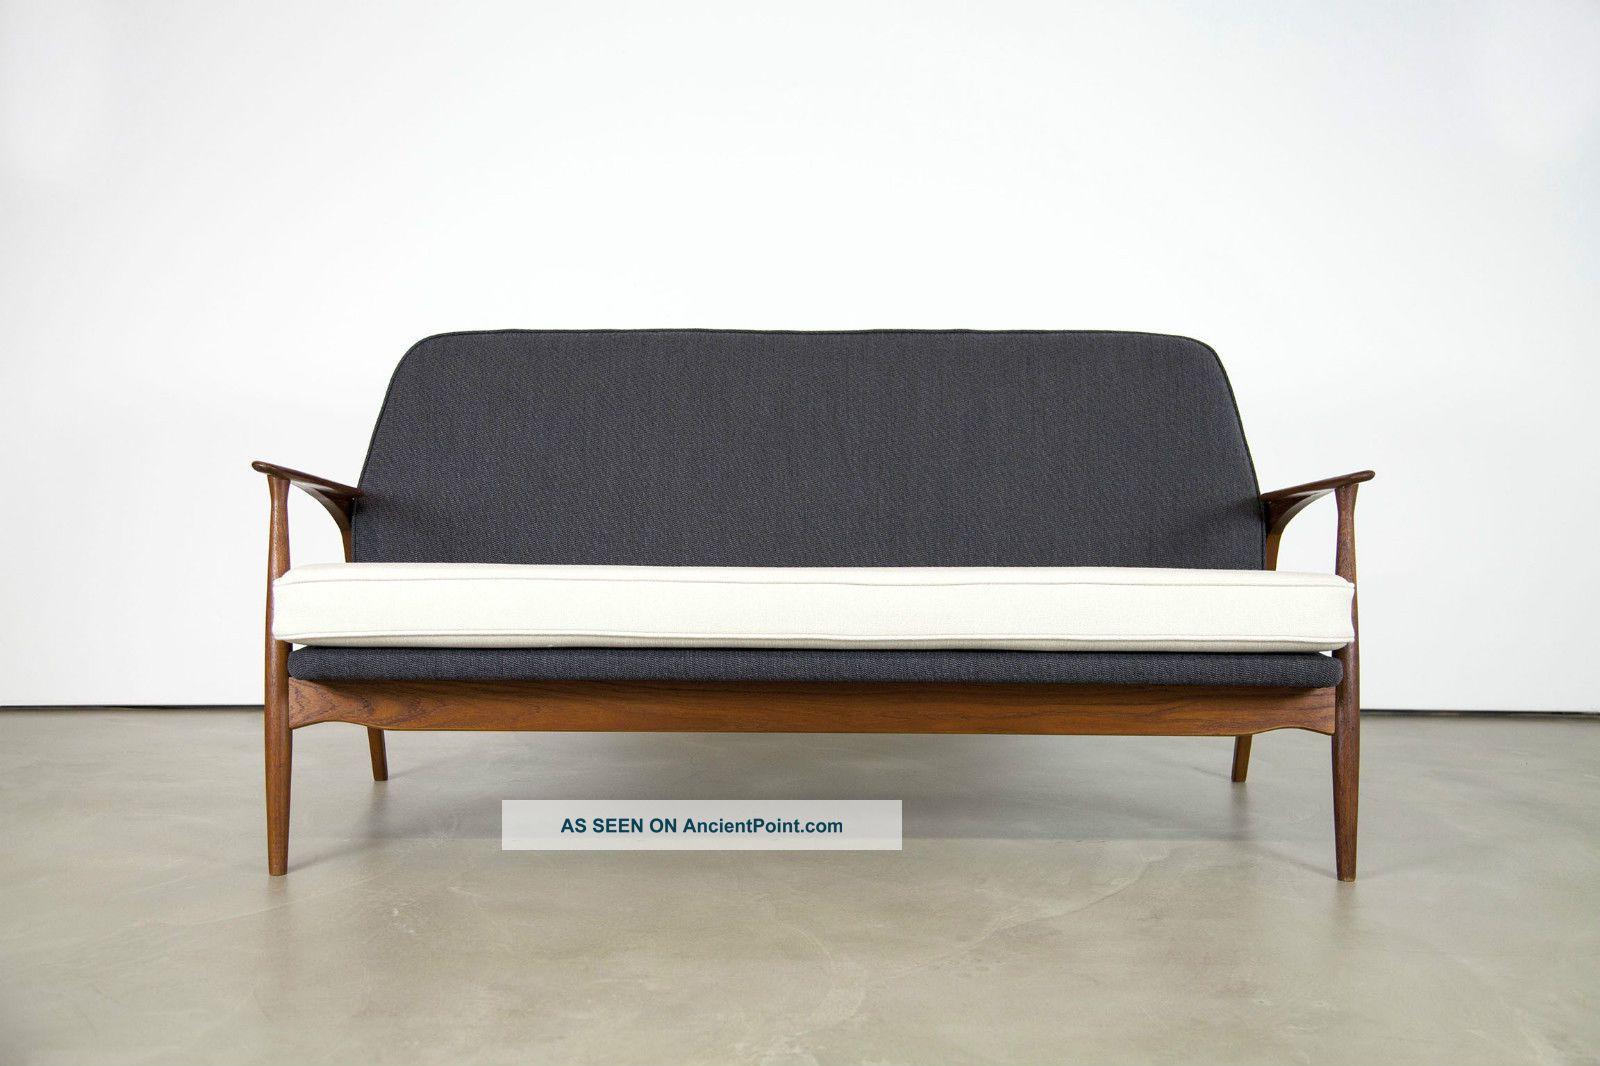 Rare Danish Modern Sofa By Ib Kofod - Larsen For Slagelse | Teak Couch 1900-1950 photo